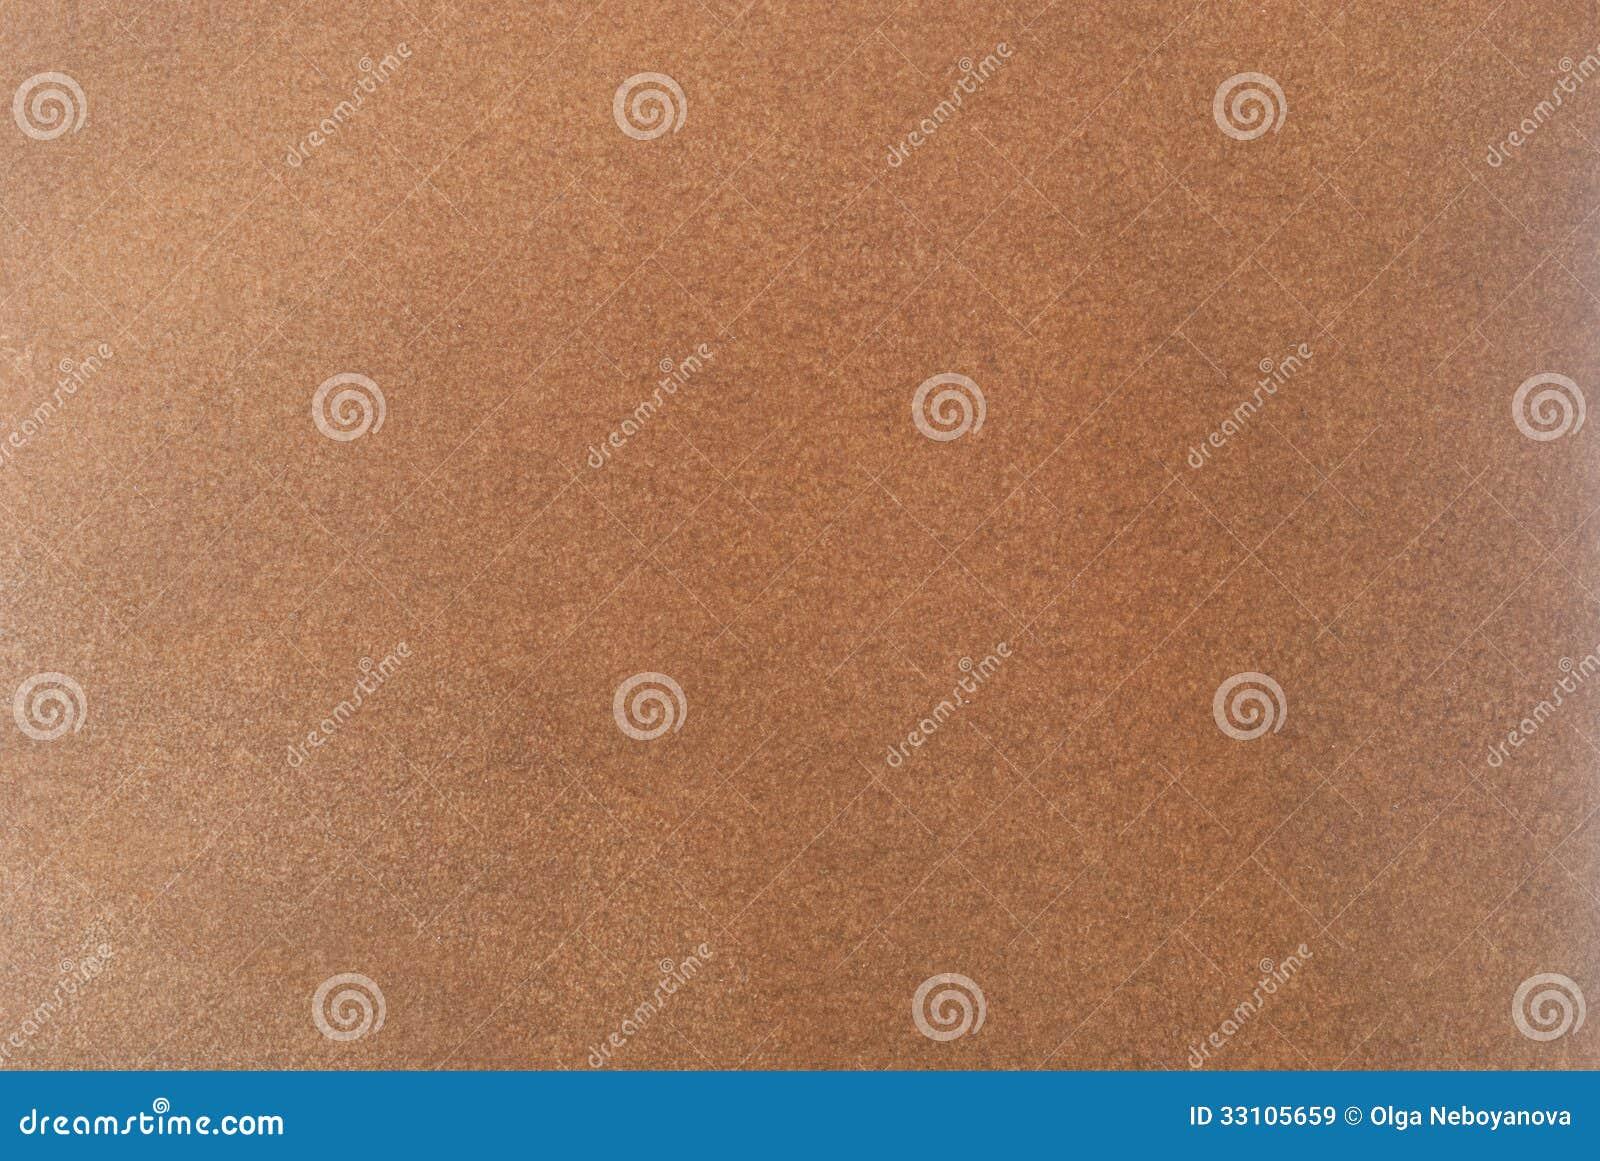 棕色油鞣革纹理